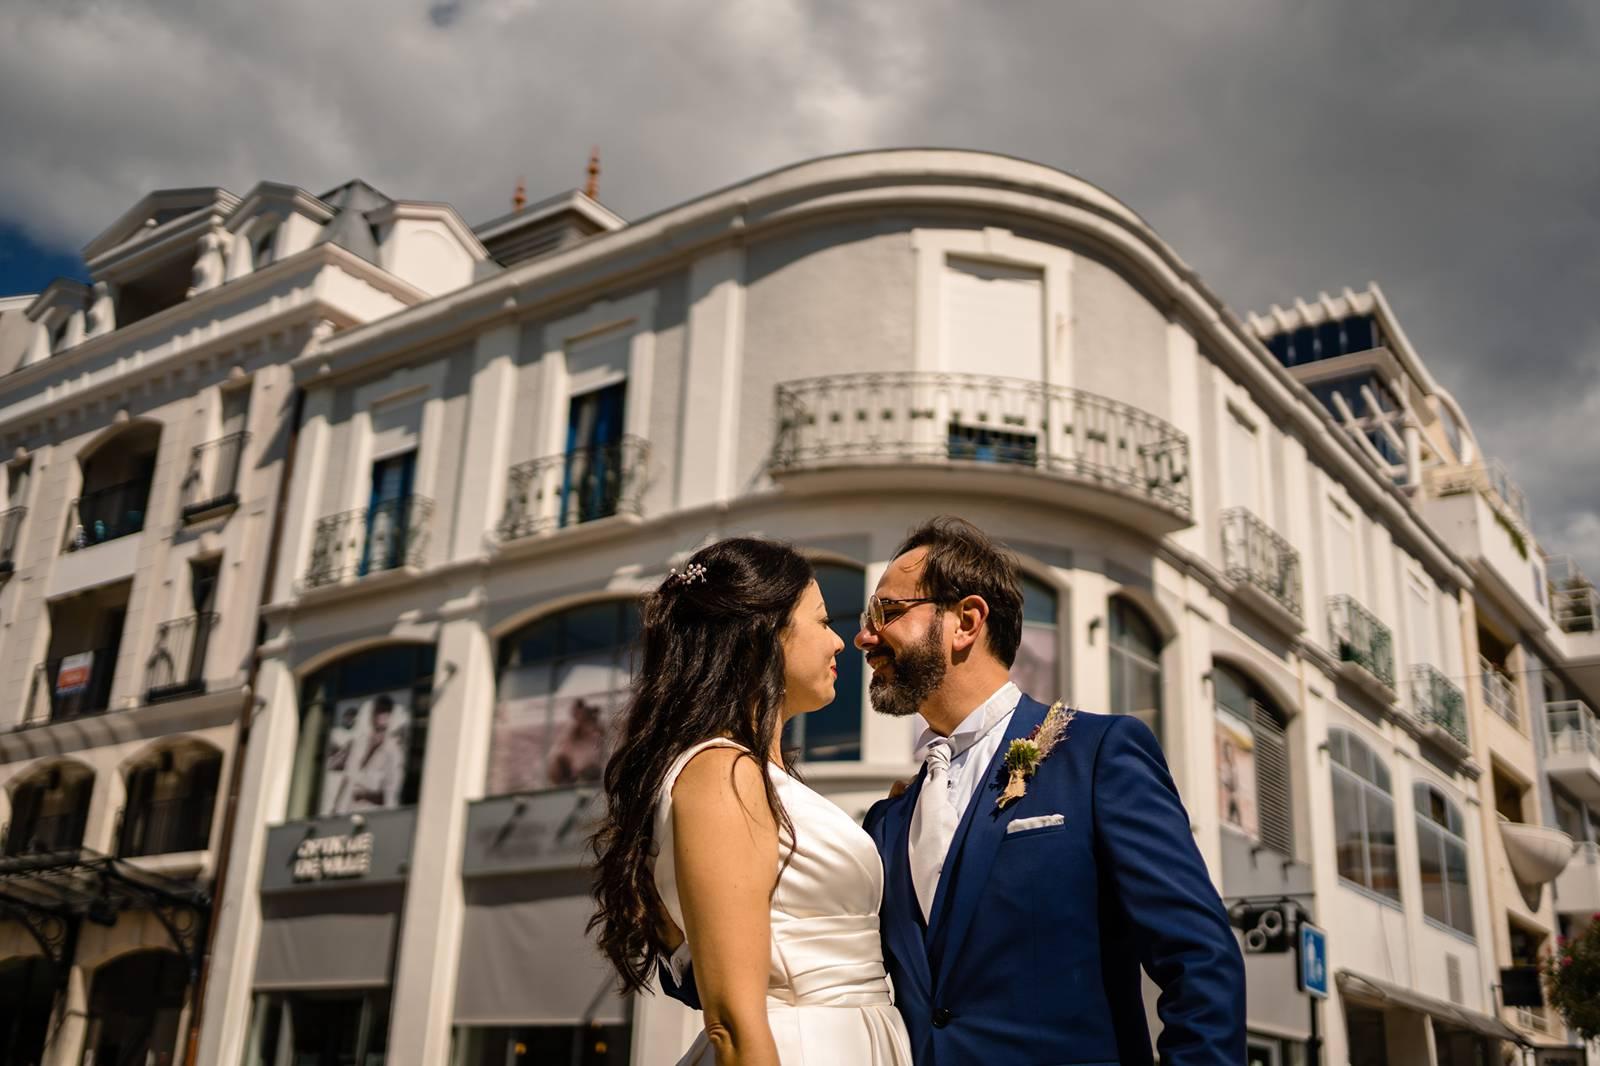 Reportage photo de mariage à la Mairie d'Arcachon, au temple protestant d'Arcachon puis aux Sources de Caudalie. Alexandre Roschewitz, photographe mariage.